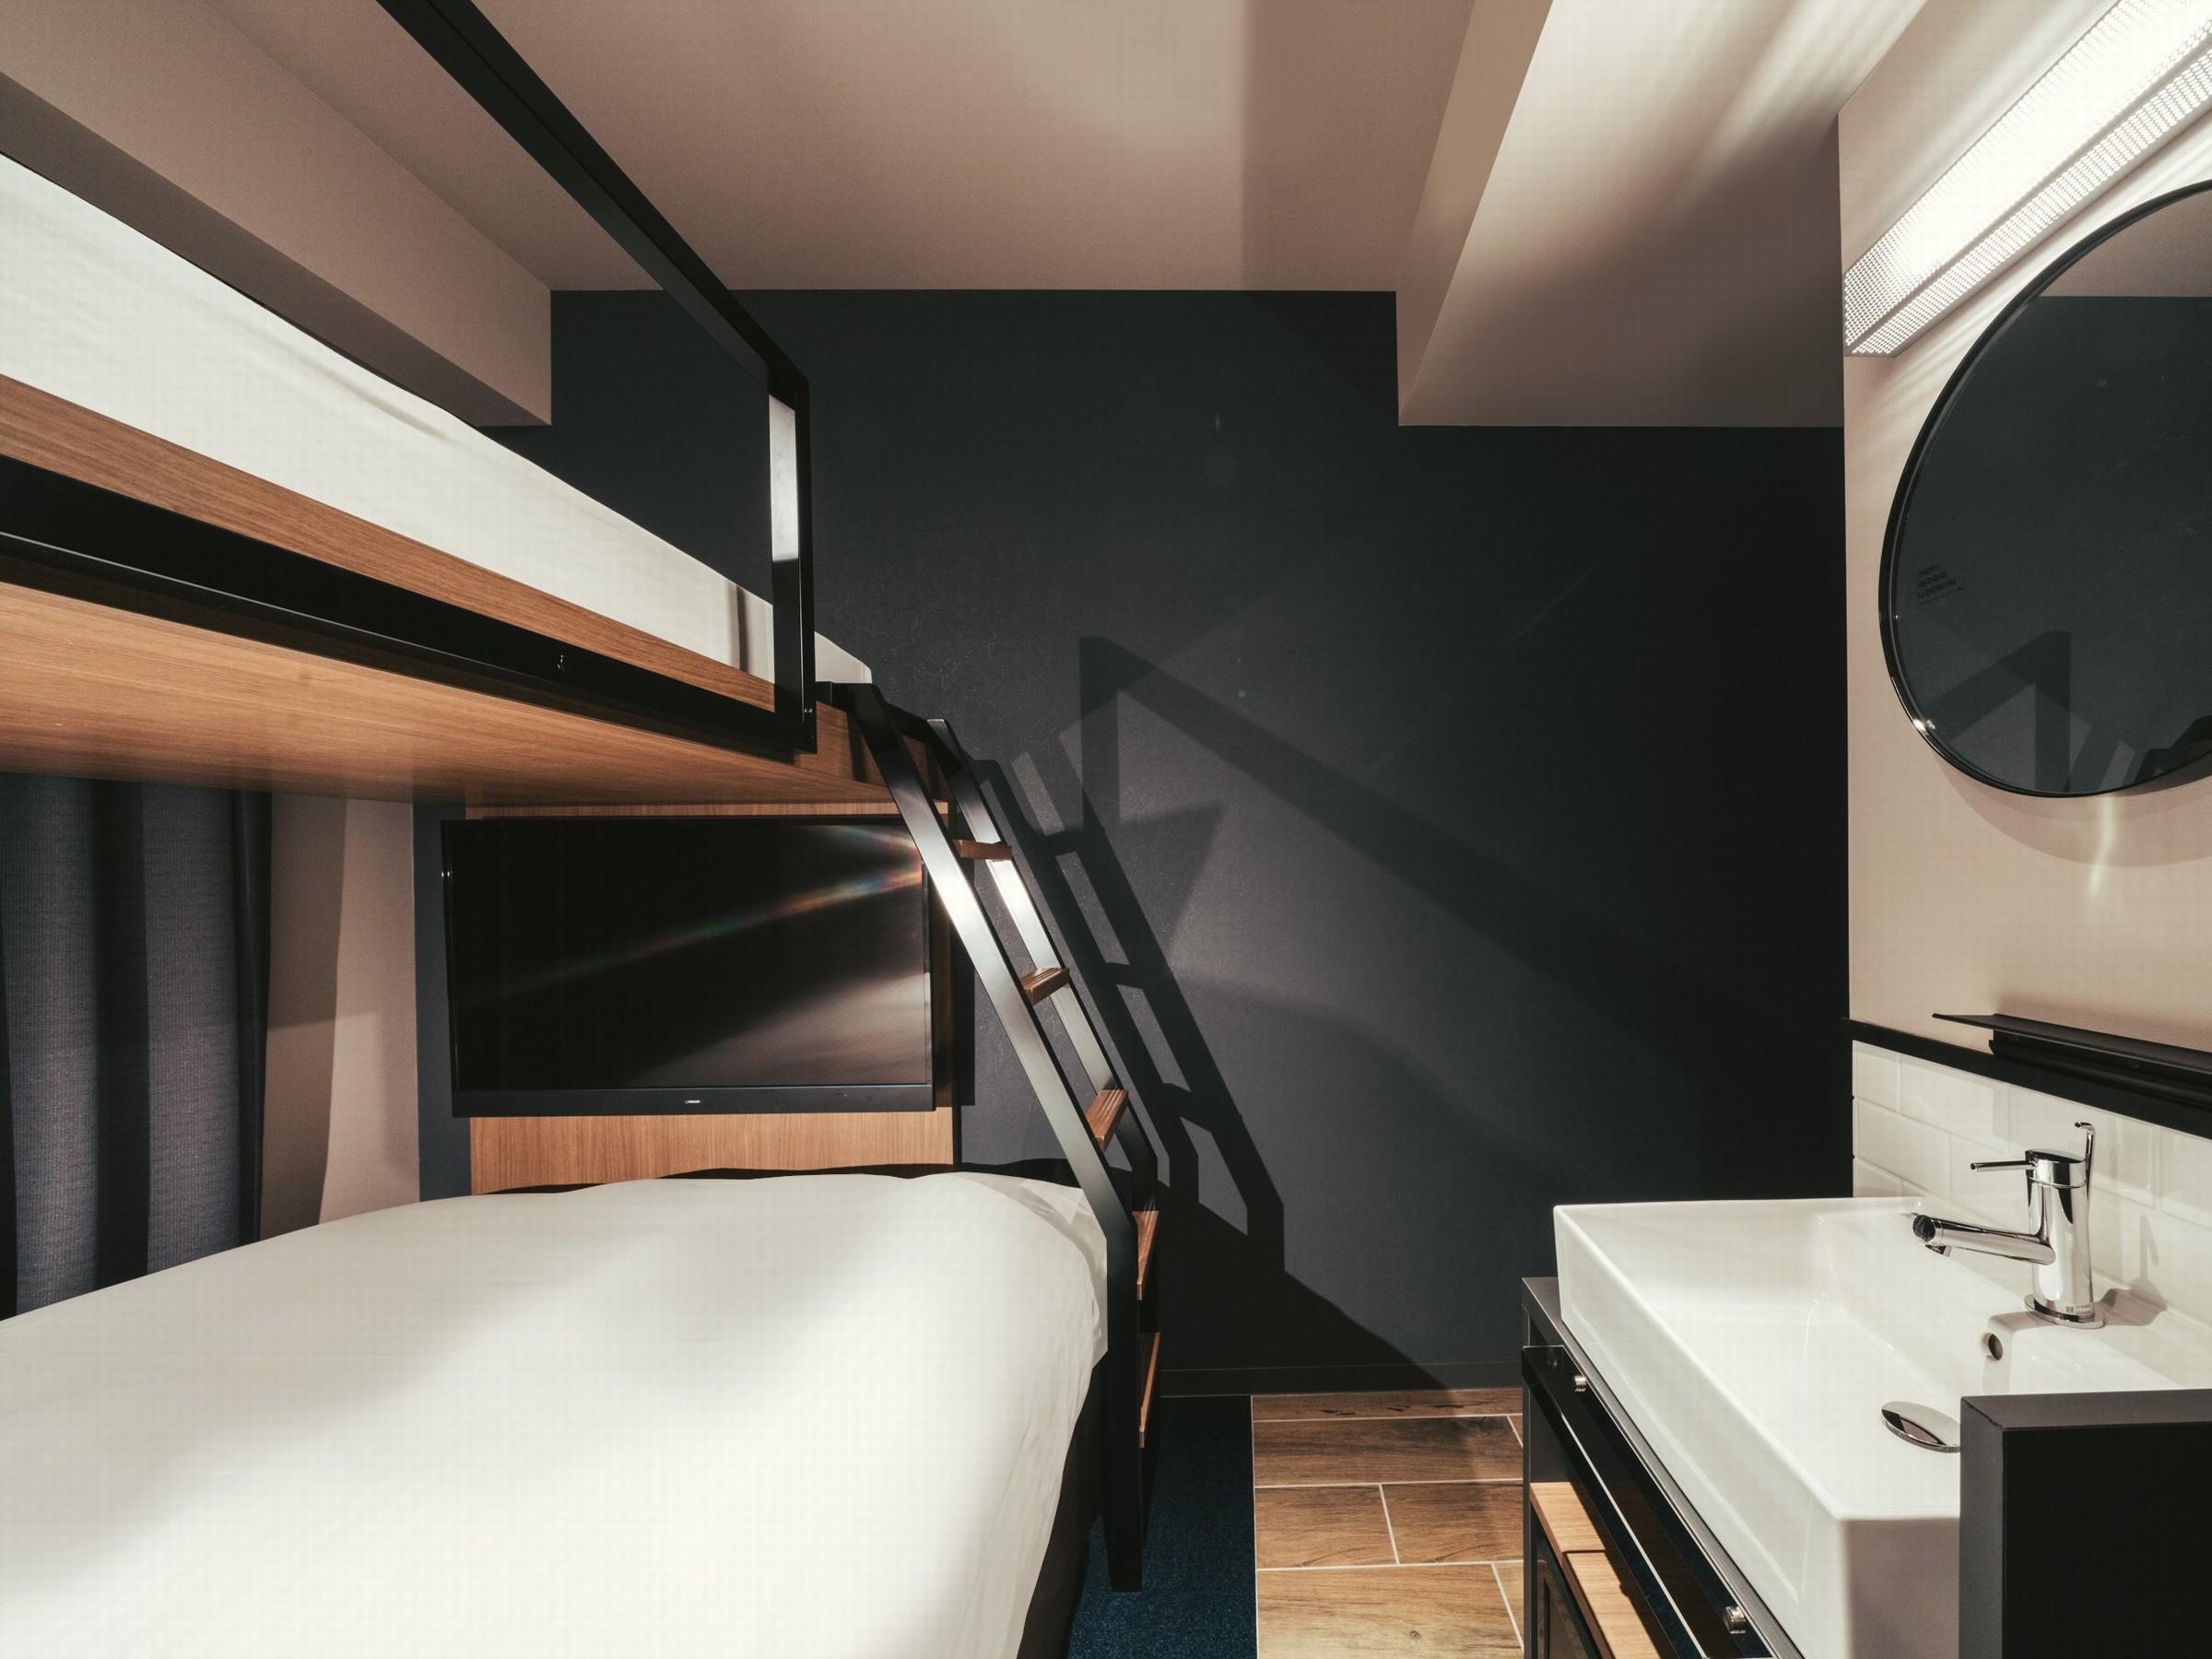 センチュリオンホテルCEN福岡博多 / ◆全室禁煙◆モデレートダブル 《1-3名様》